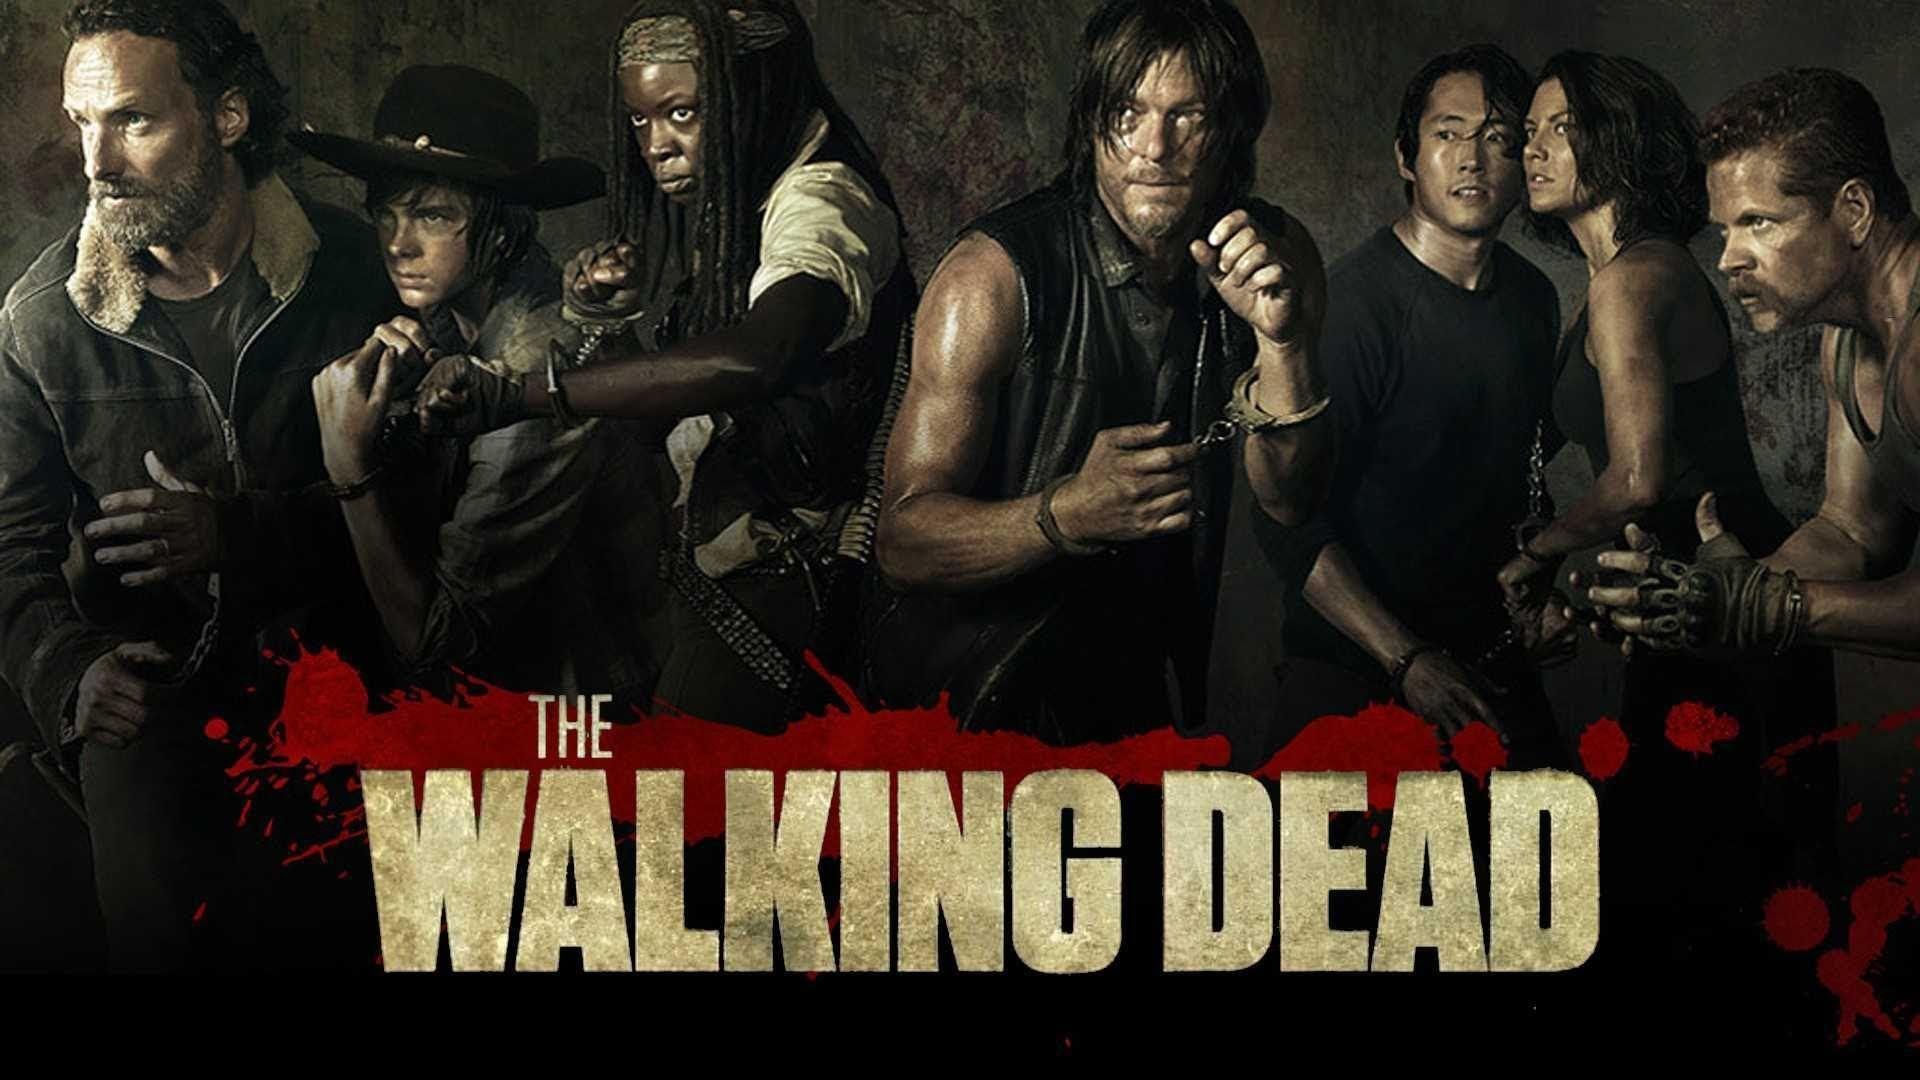 Ver la serie the walking dead gratis en espa ol latino temporada 6 capitulos 6x16 completos